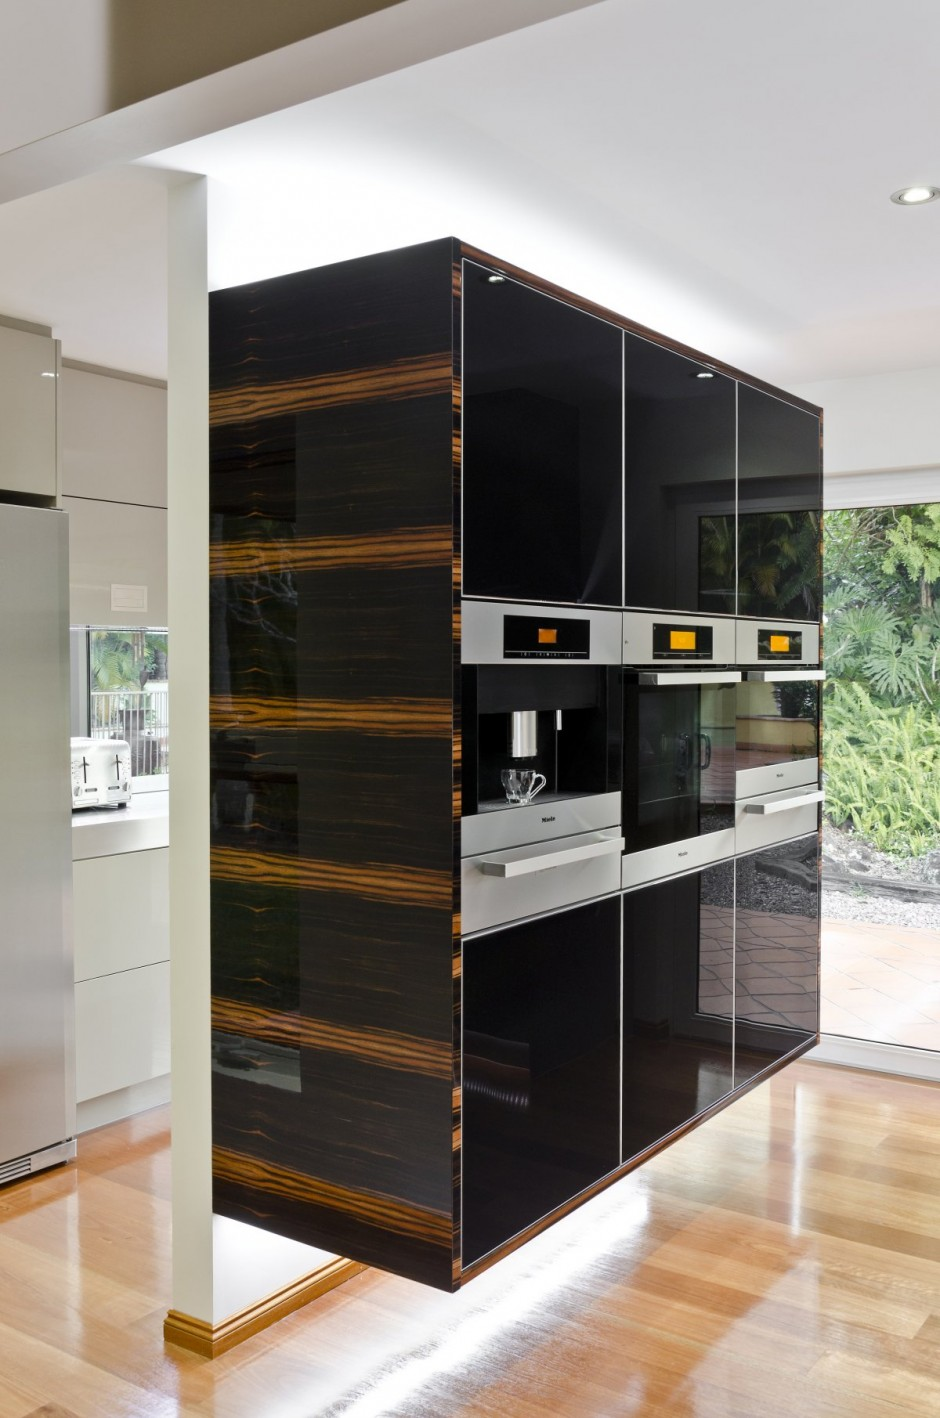 Дизайн кухни в стиле минимализм от Даррена Джеймса: глянцевый мебельный гарнитур в чёрной гамме